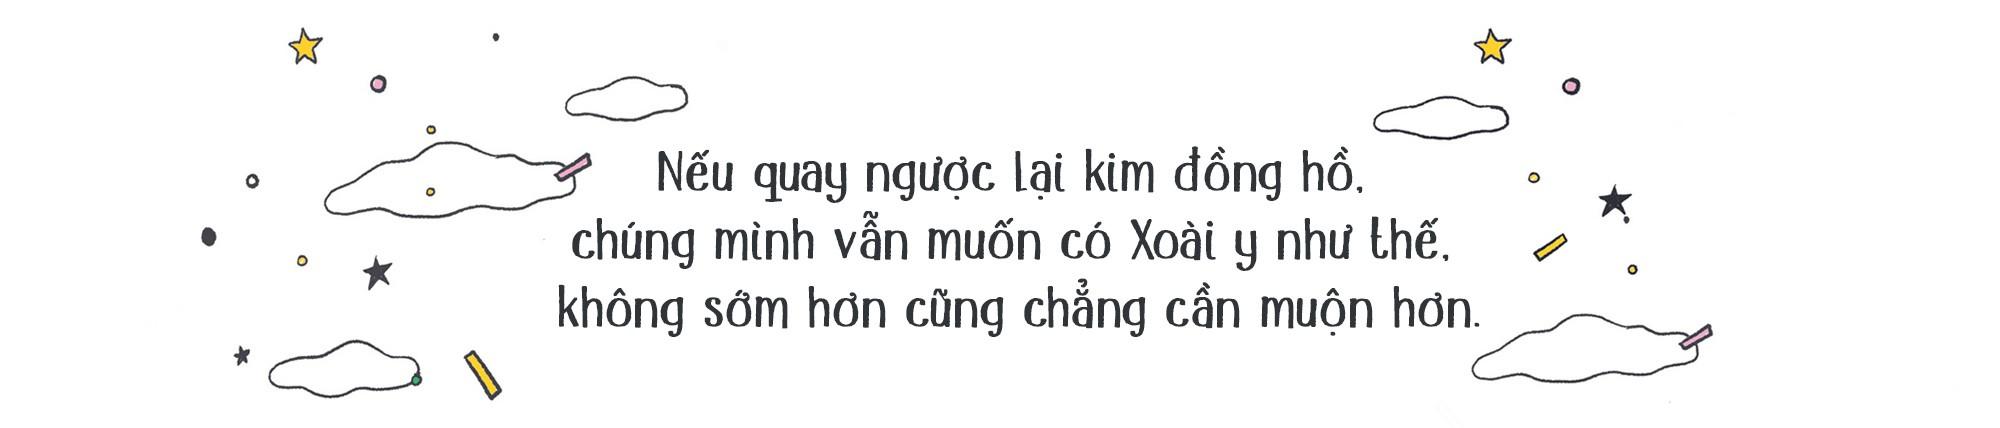 """Hot family Trang Lou & Tùng Sơn: Kết hôn sớm, chúng mình có thêm """"bạn đồng hành"""" nhí để đi khắp thế gian - Ảnh 5."""